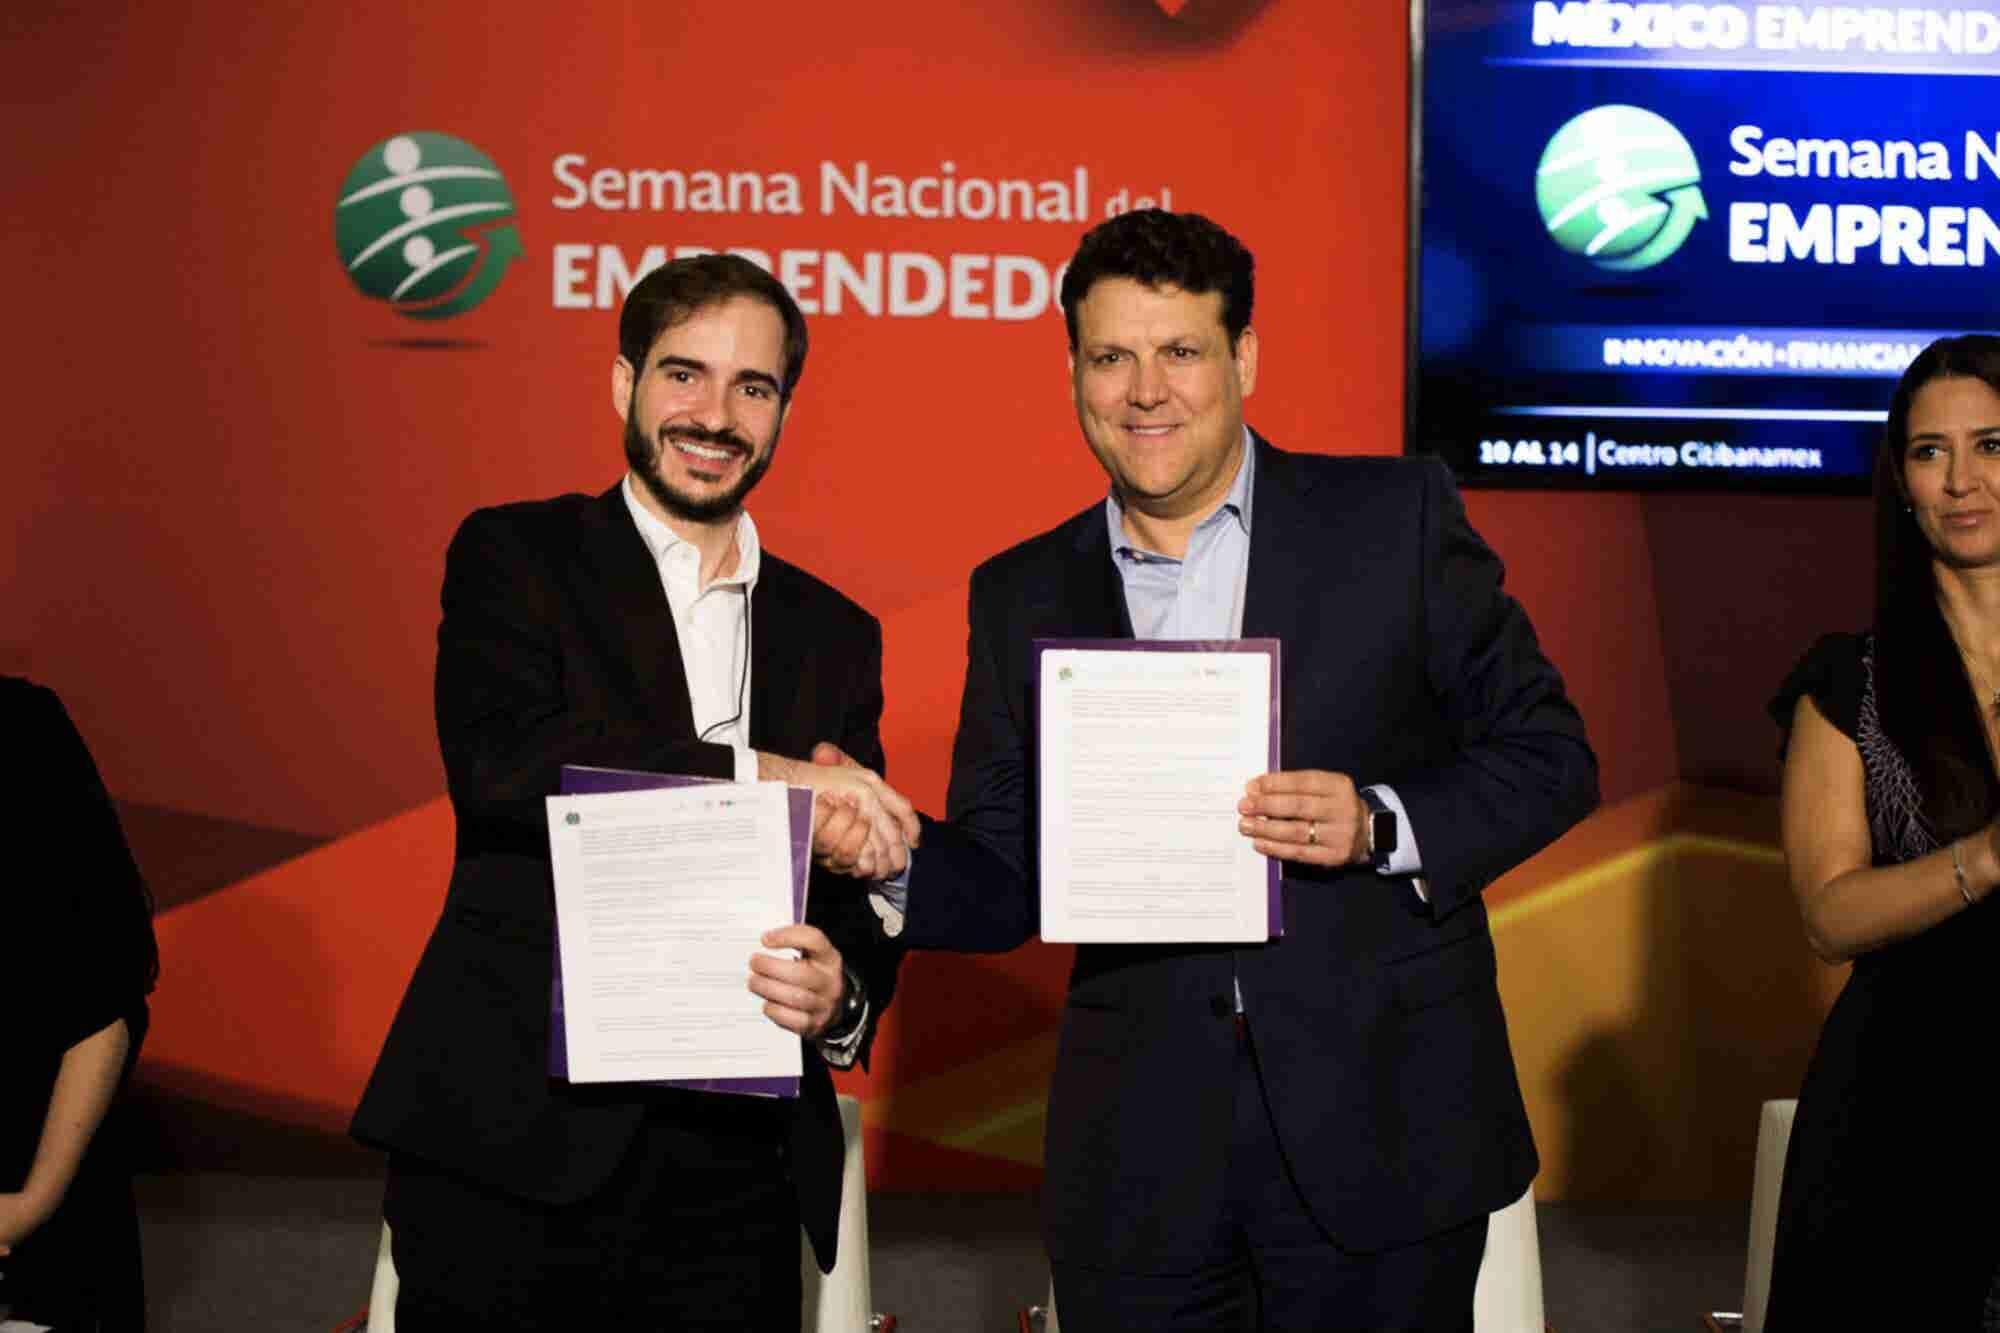 México y Brasil firman memorándum para impulsar emprendimiento durante la Semana del Emprendedor